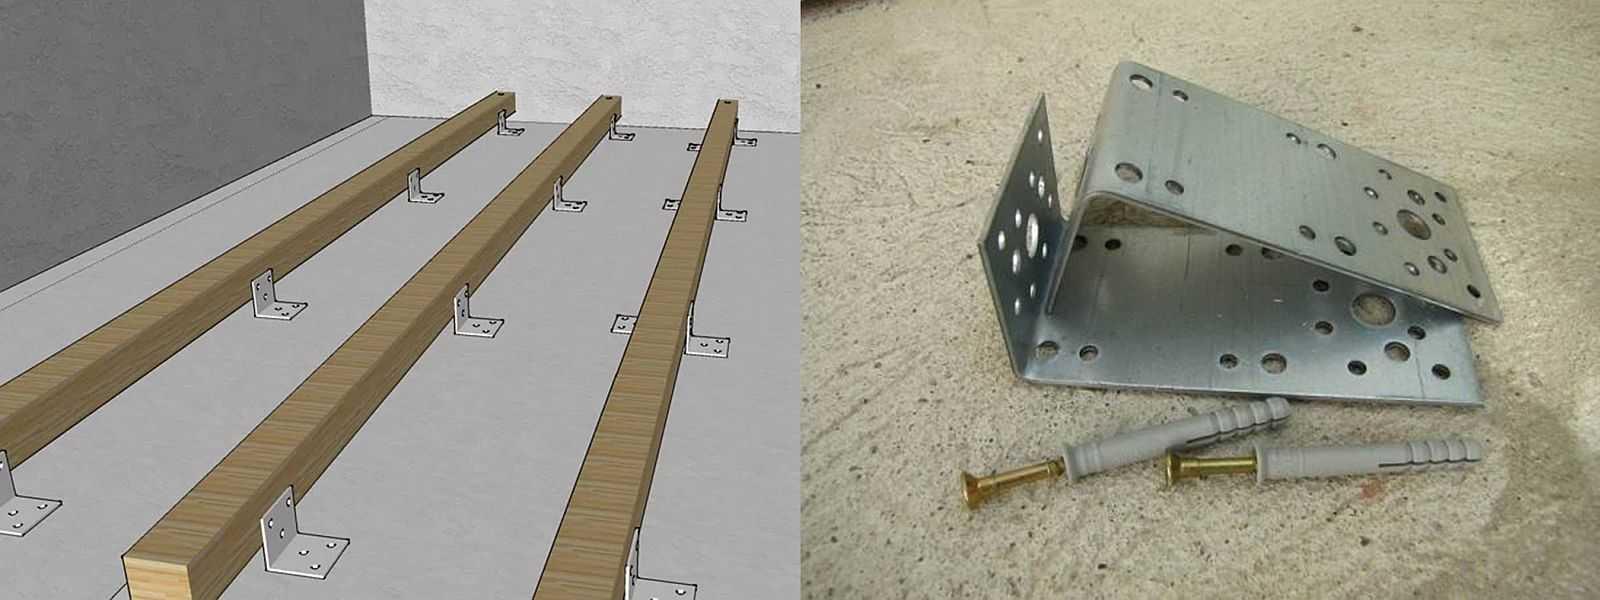 Крепления к бетону бетон купить с доставкой цена калуга